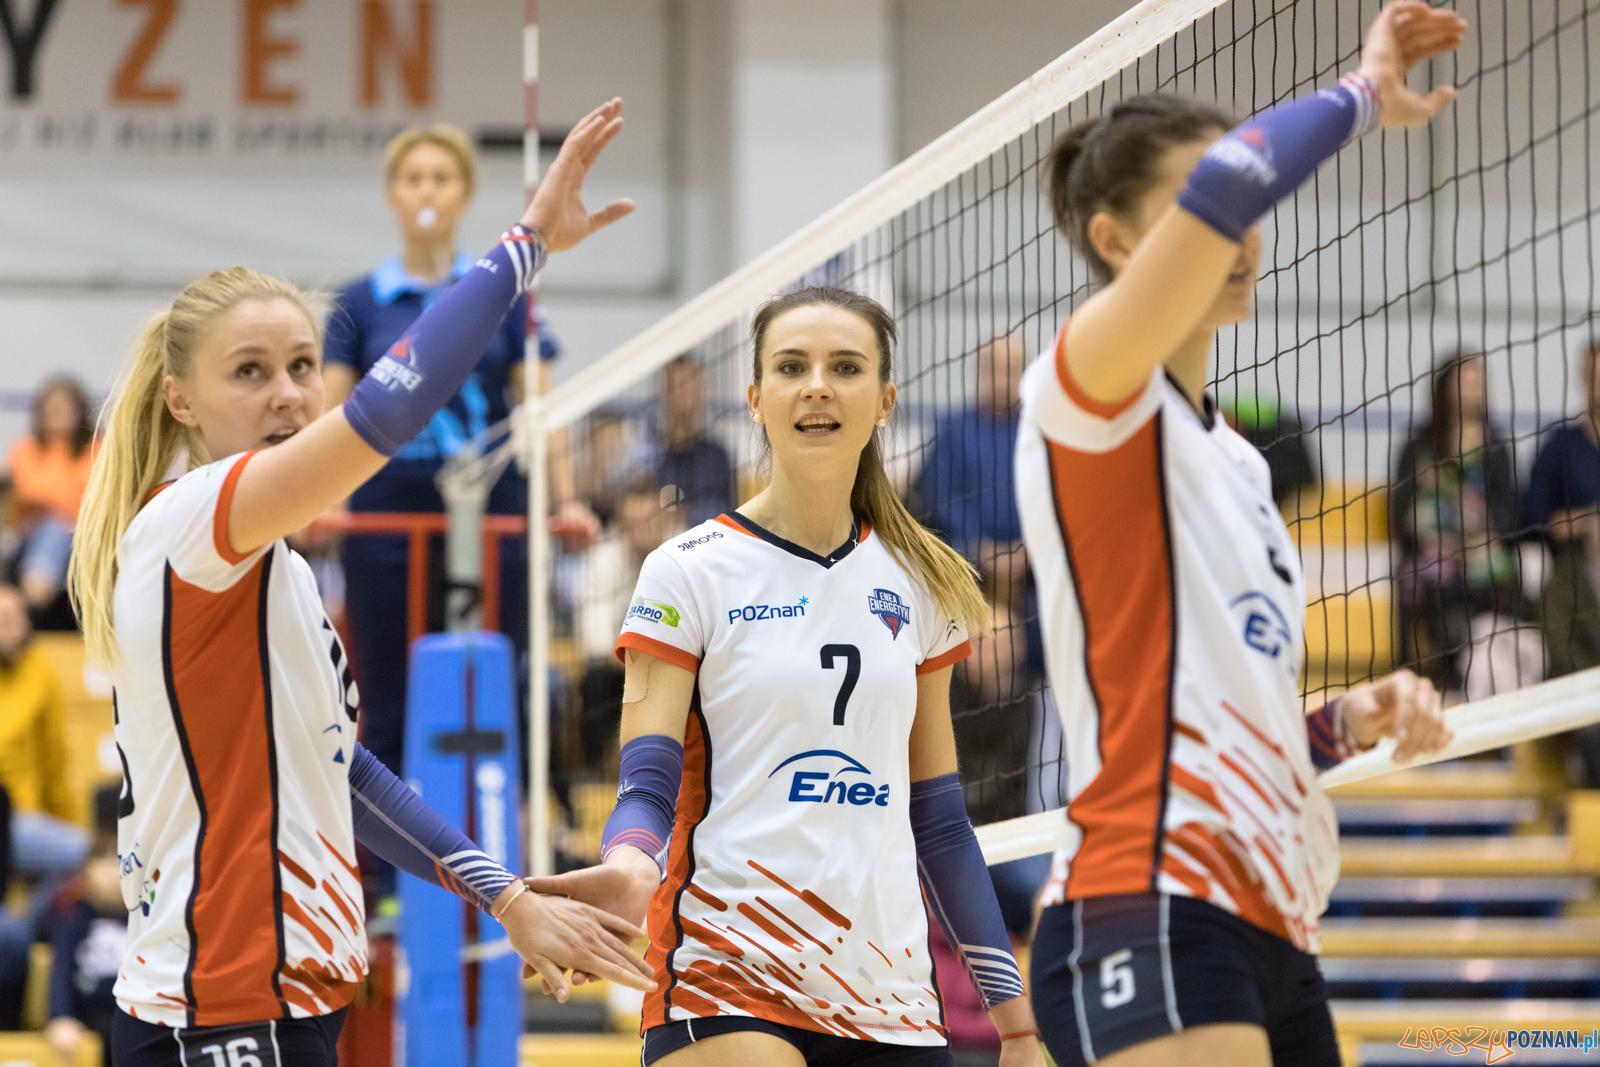 Enea Energetyk Poznań - WTS Solna Wieliczka  Foto: lepszyPOZNAN.pl/Piotr Rychter